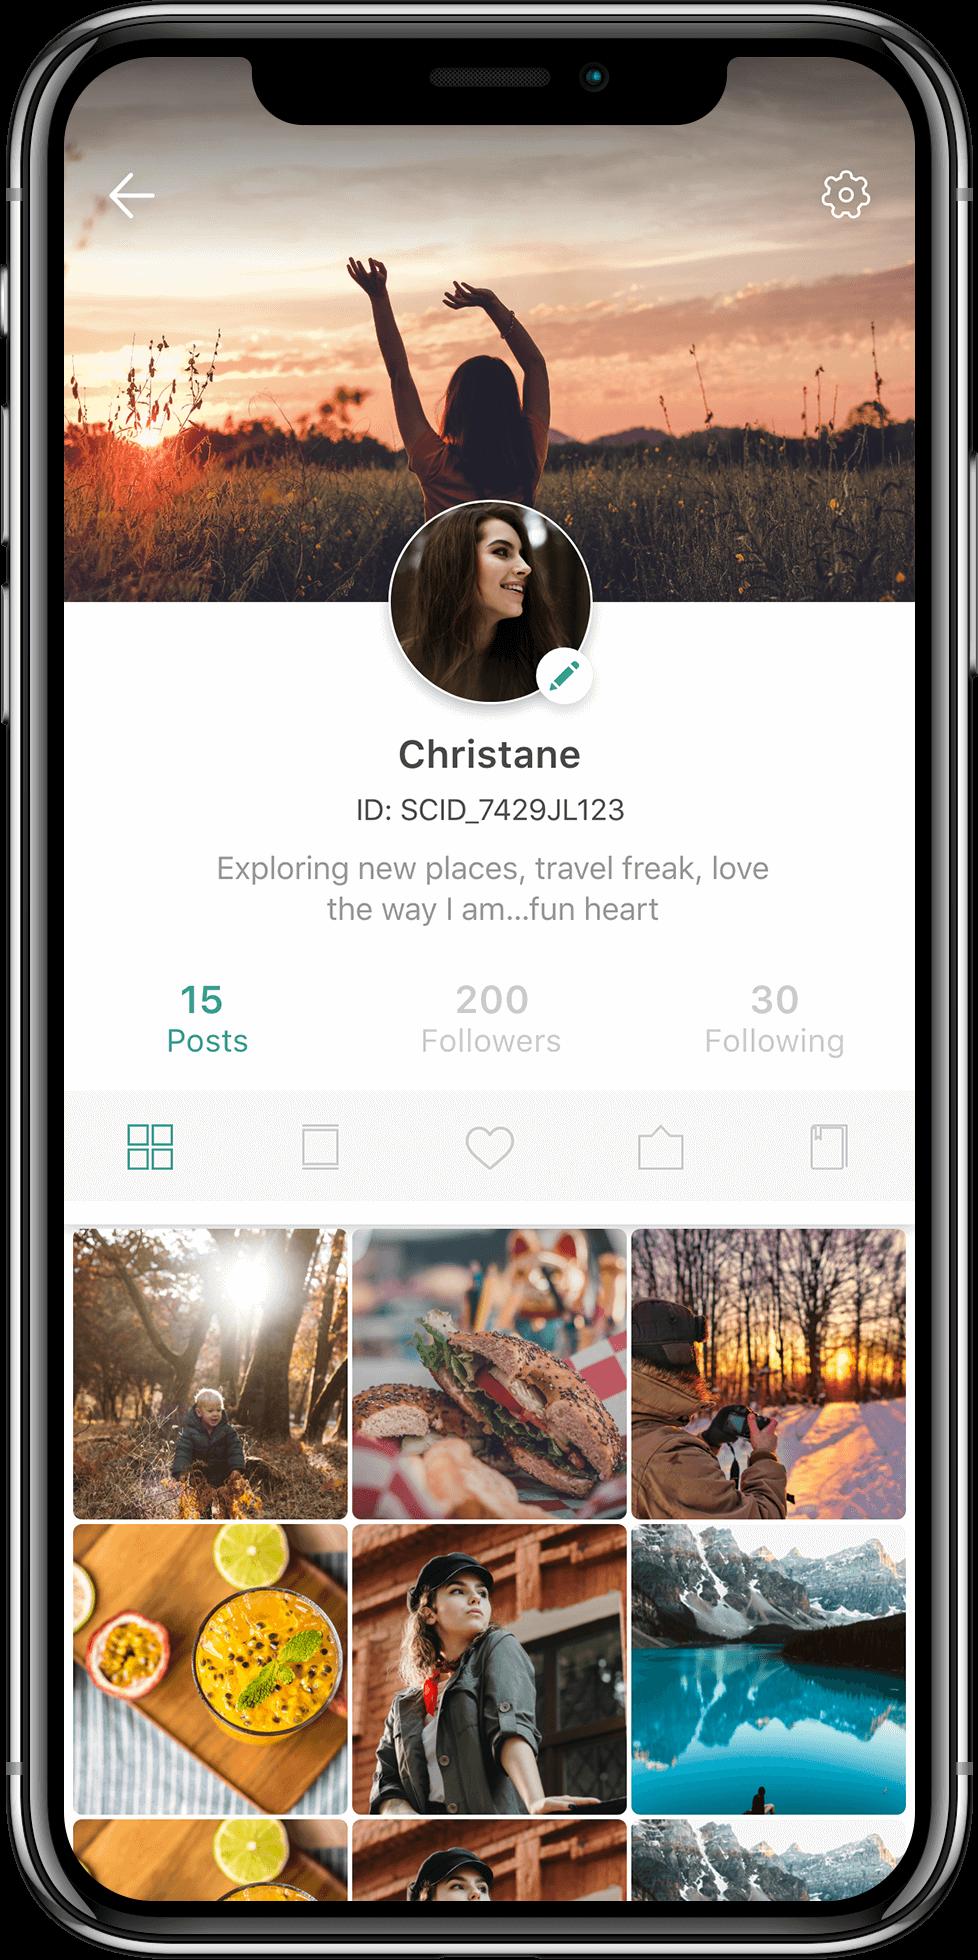 📱 Picogram - Instagram Clone to start your own social media app